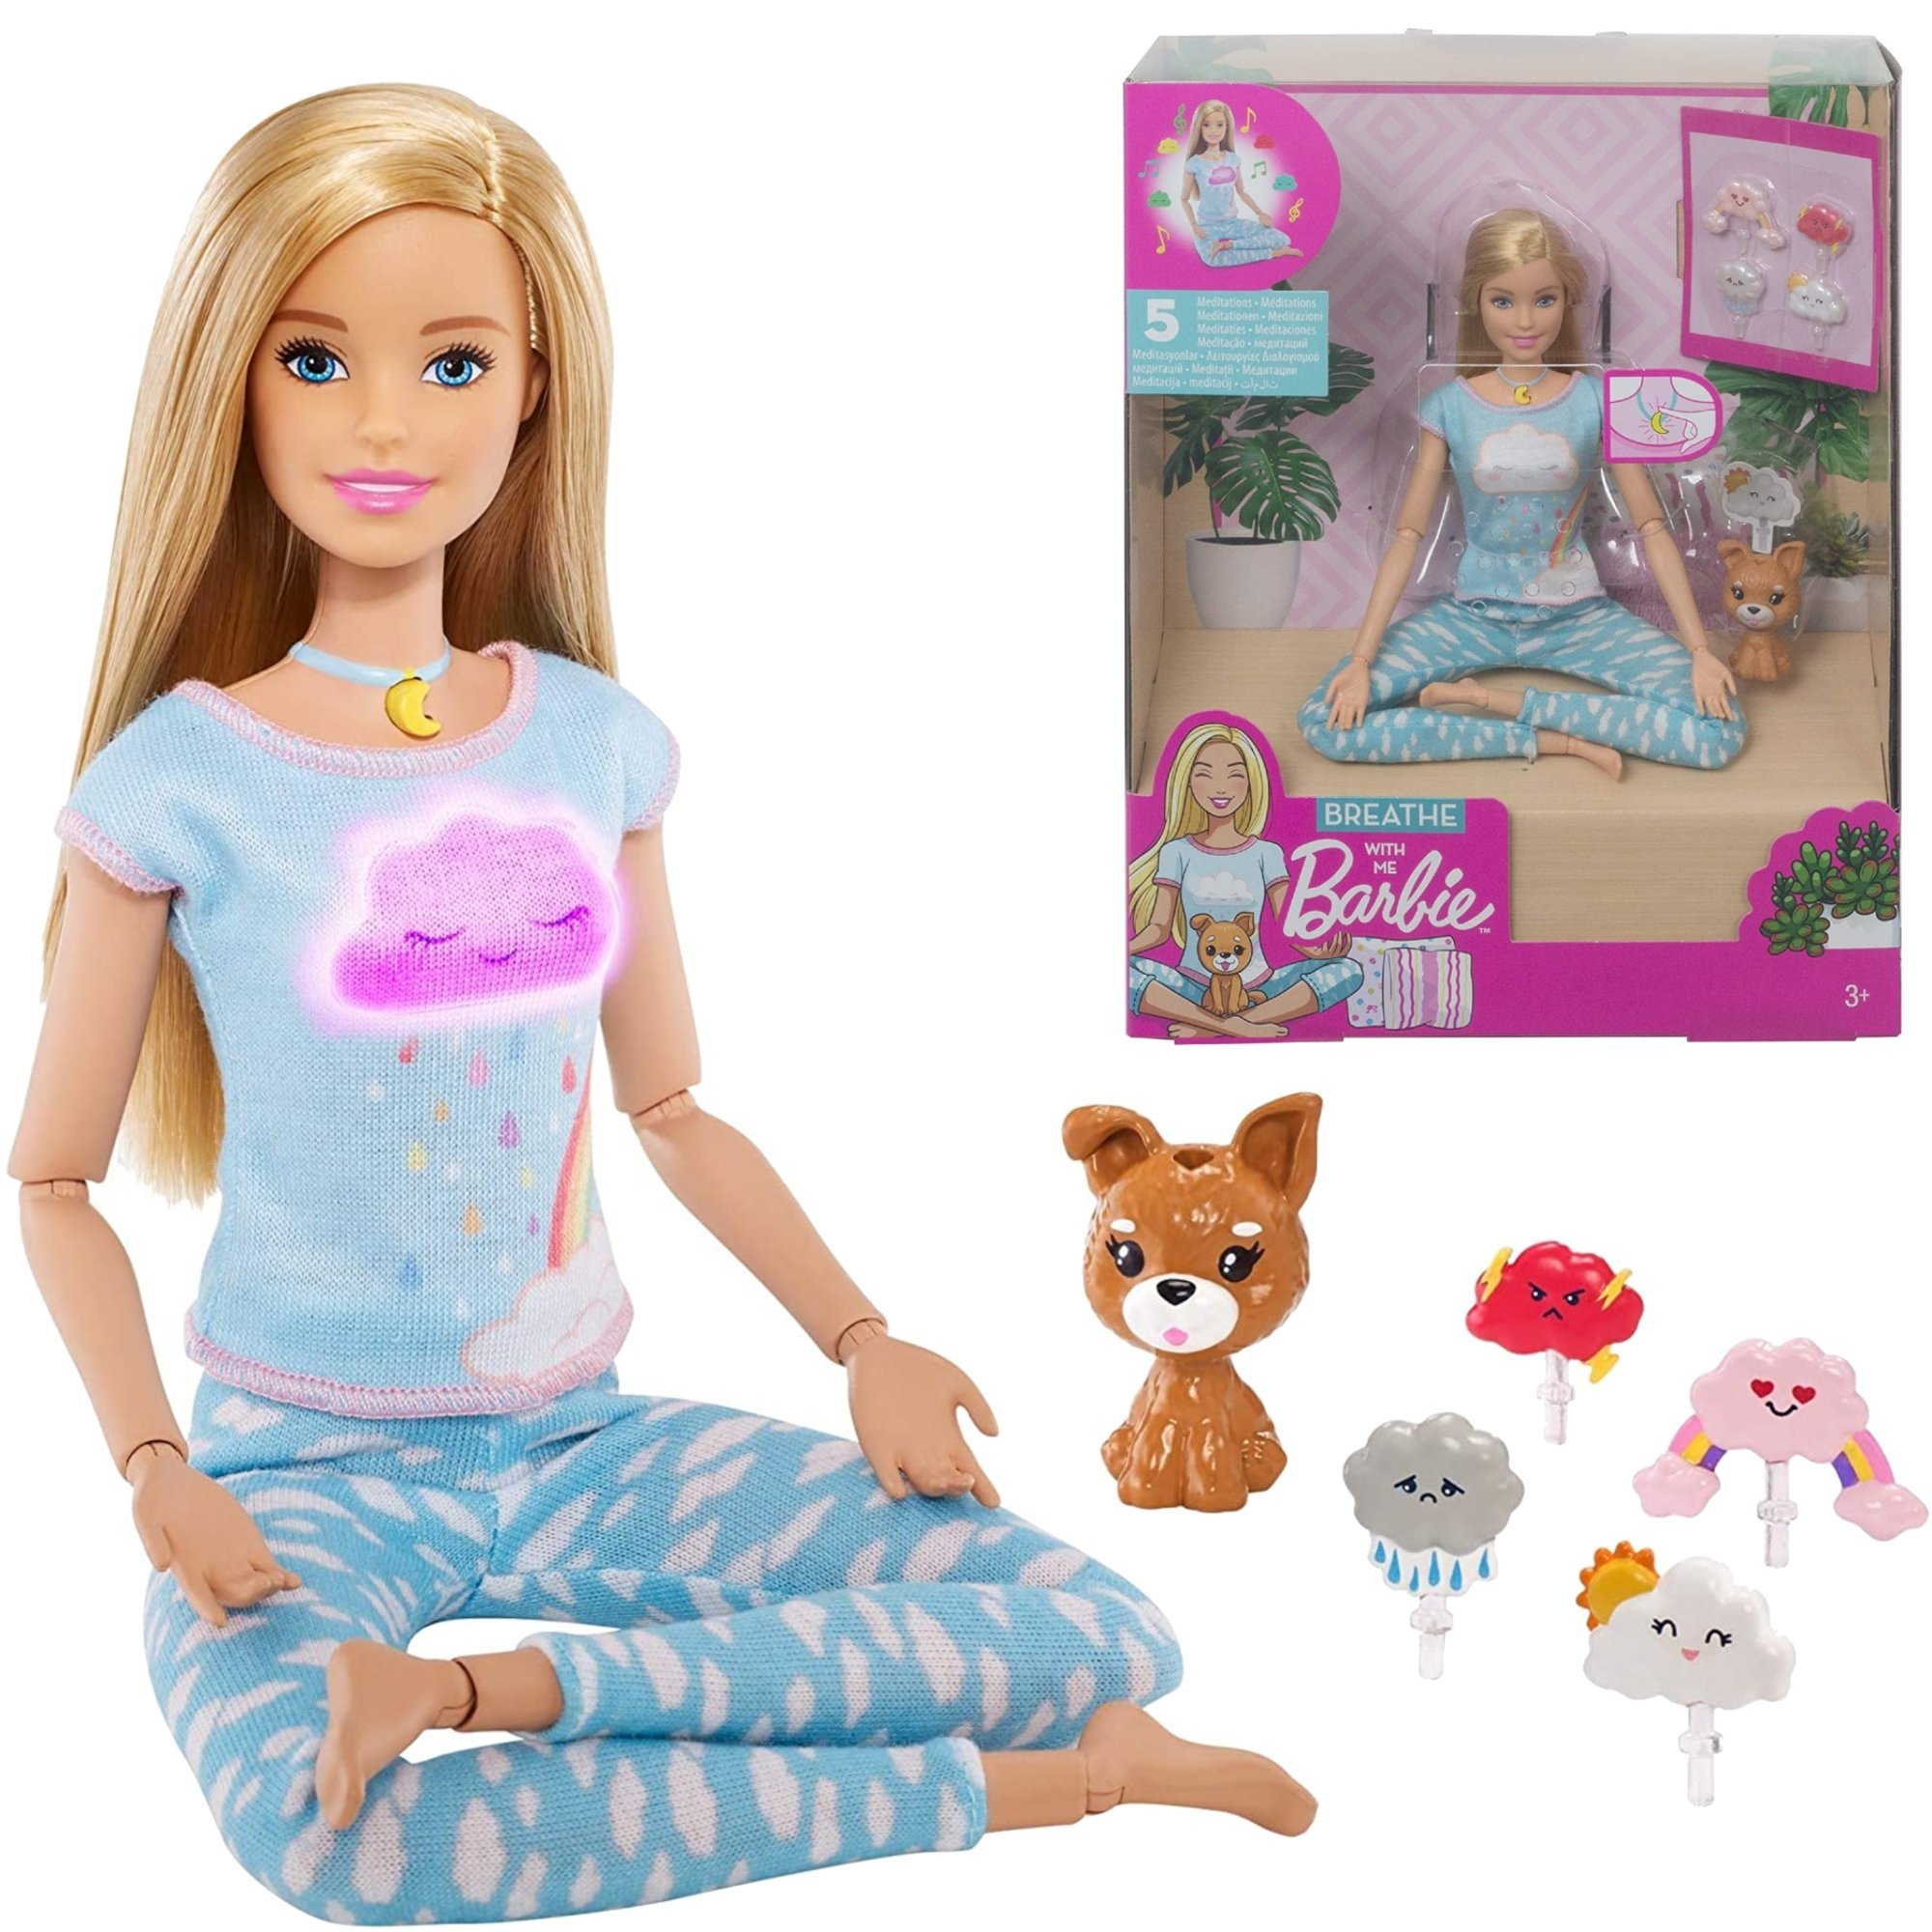 Lalka Barbie Breathe with me Medytacja z d¼wiêkiem i ¶wiat³em